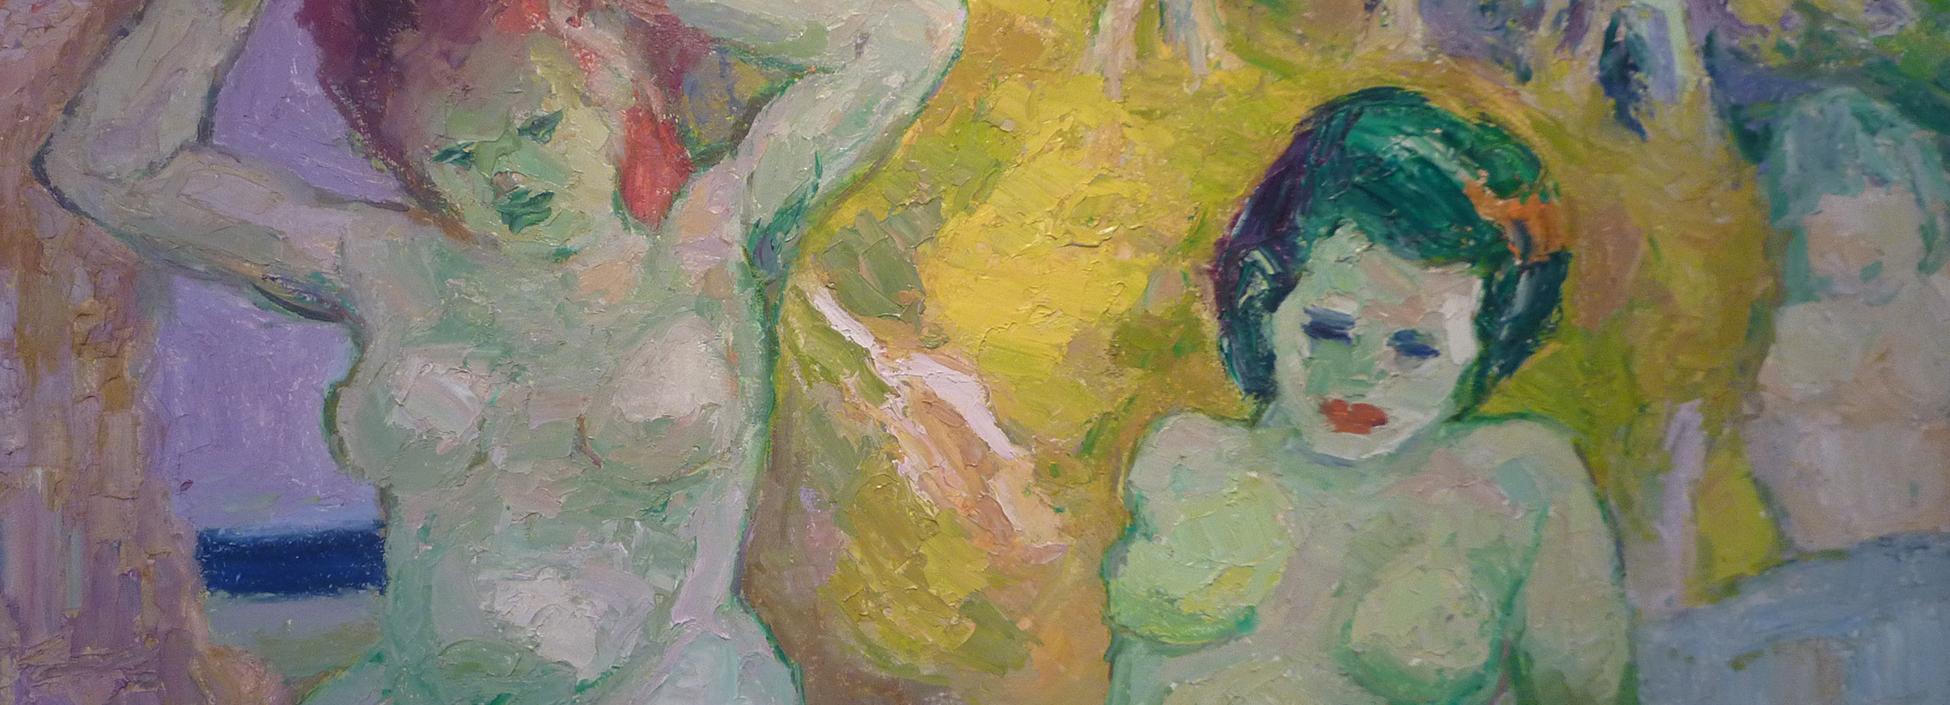 <p>MALLORCA ÉS CULTURA.Mallorca celebra el centenari del pintor Dionís Bennassar</p>